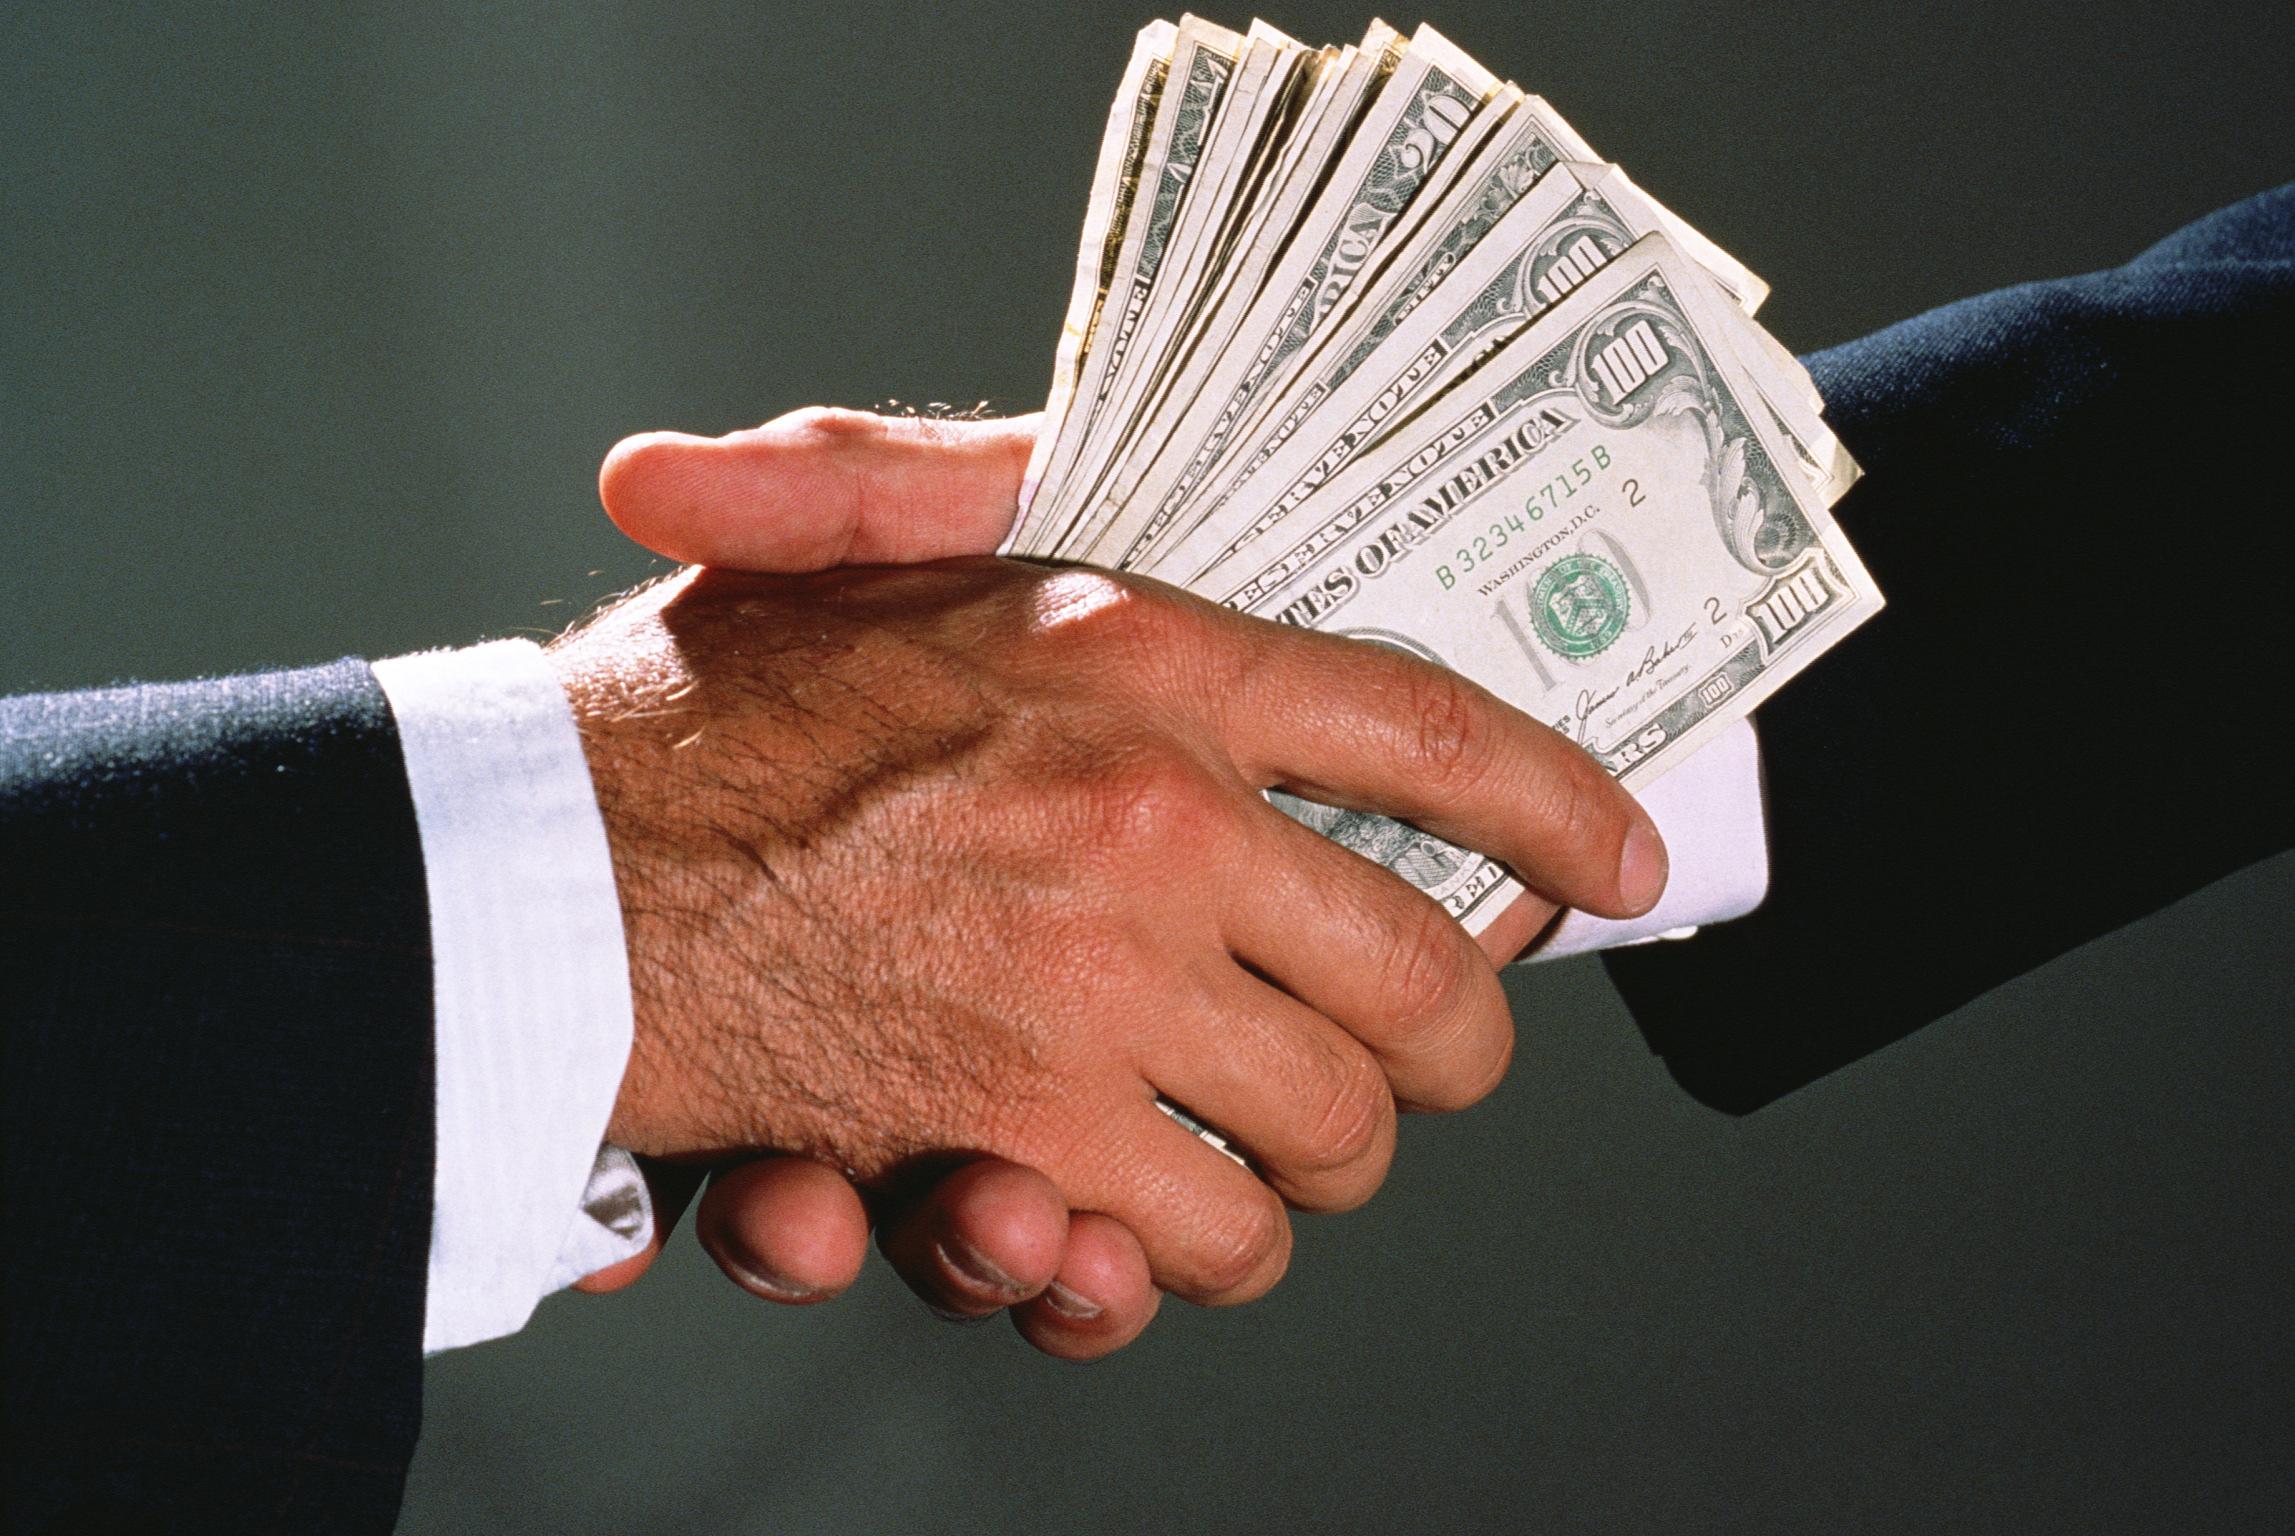 36 херсонских коррупционеров оштрафованы на 60 тысяч